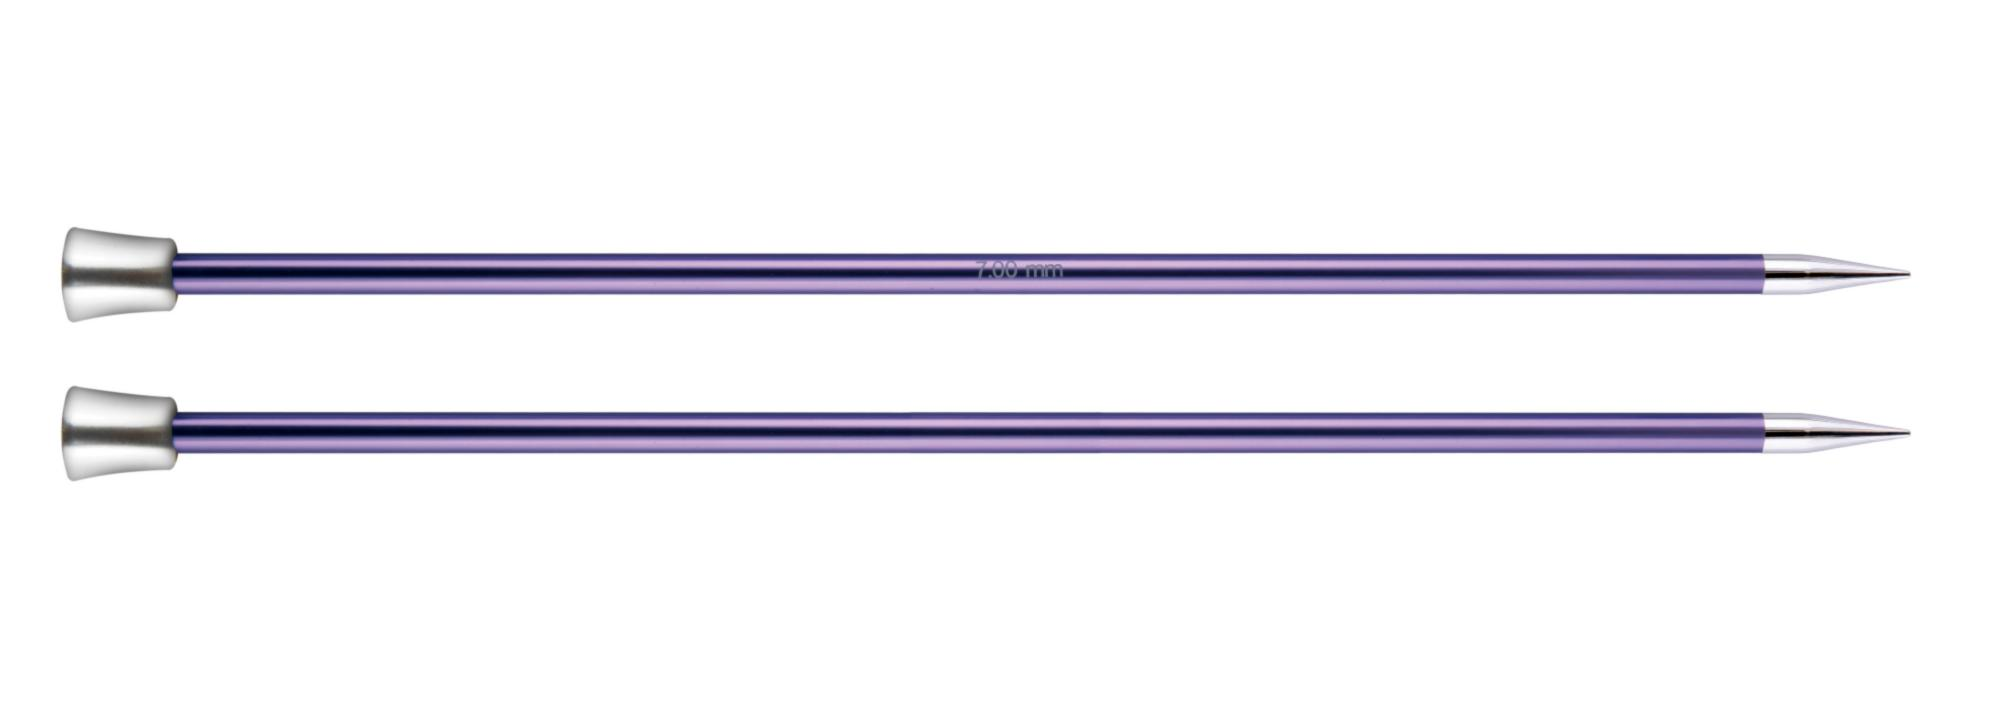 Спицы прямые 35 см Zing KnitPro, 47305, 7.00 мм